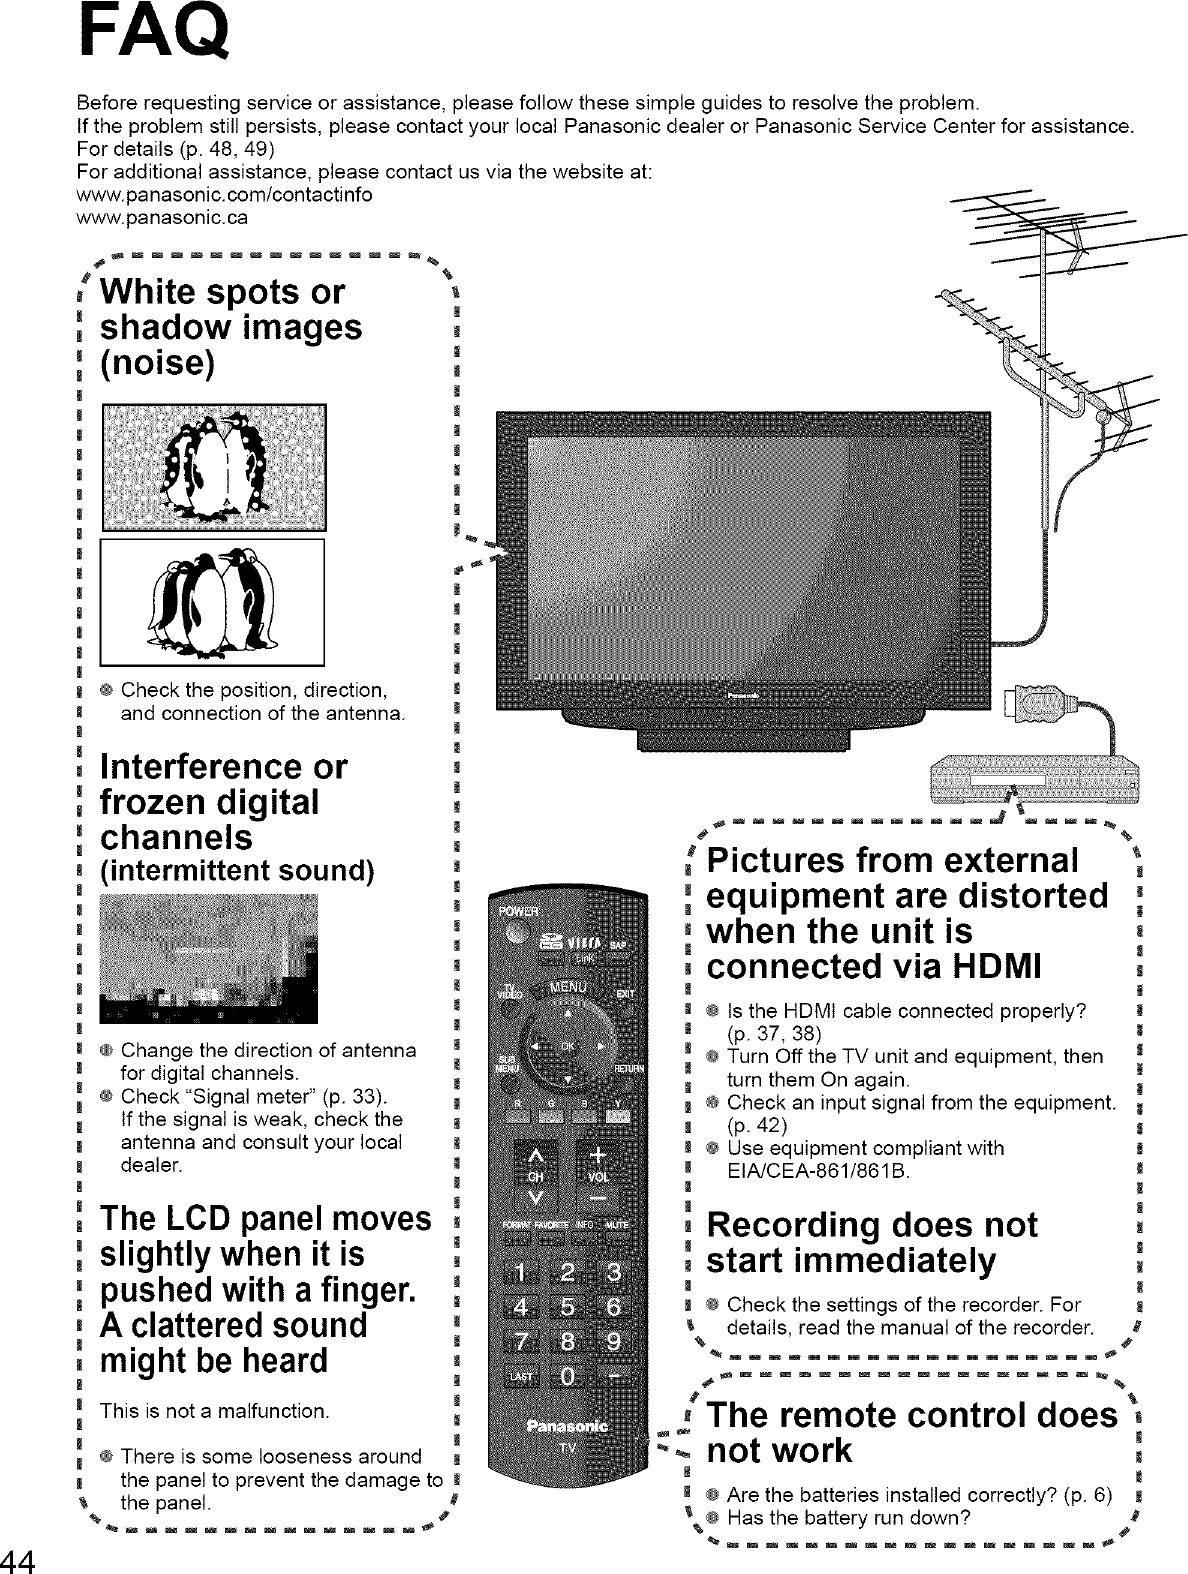 PANASONIC LCD Television Manual L0803310